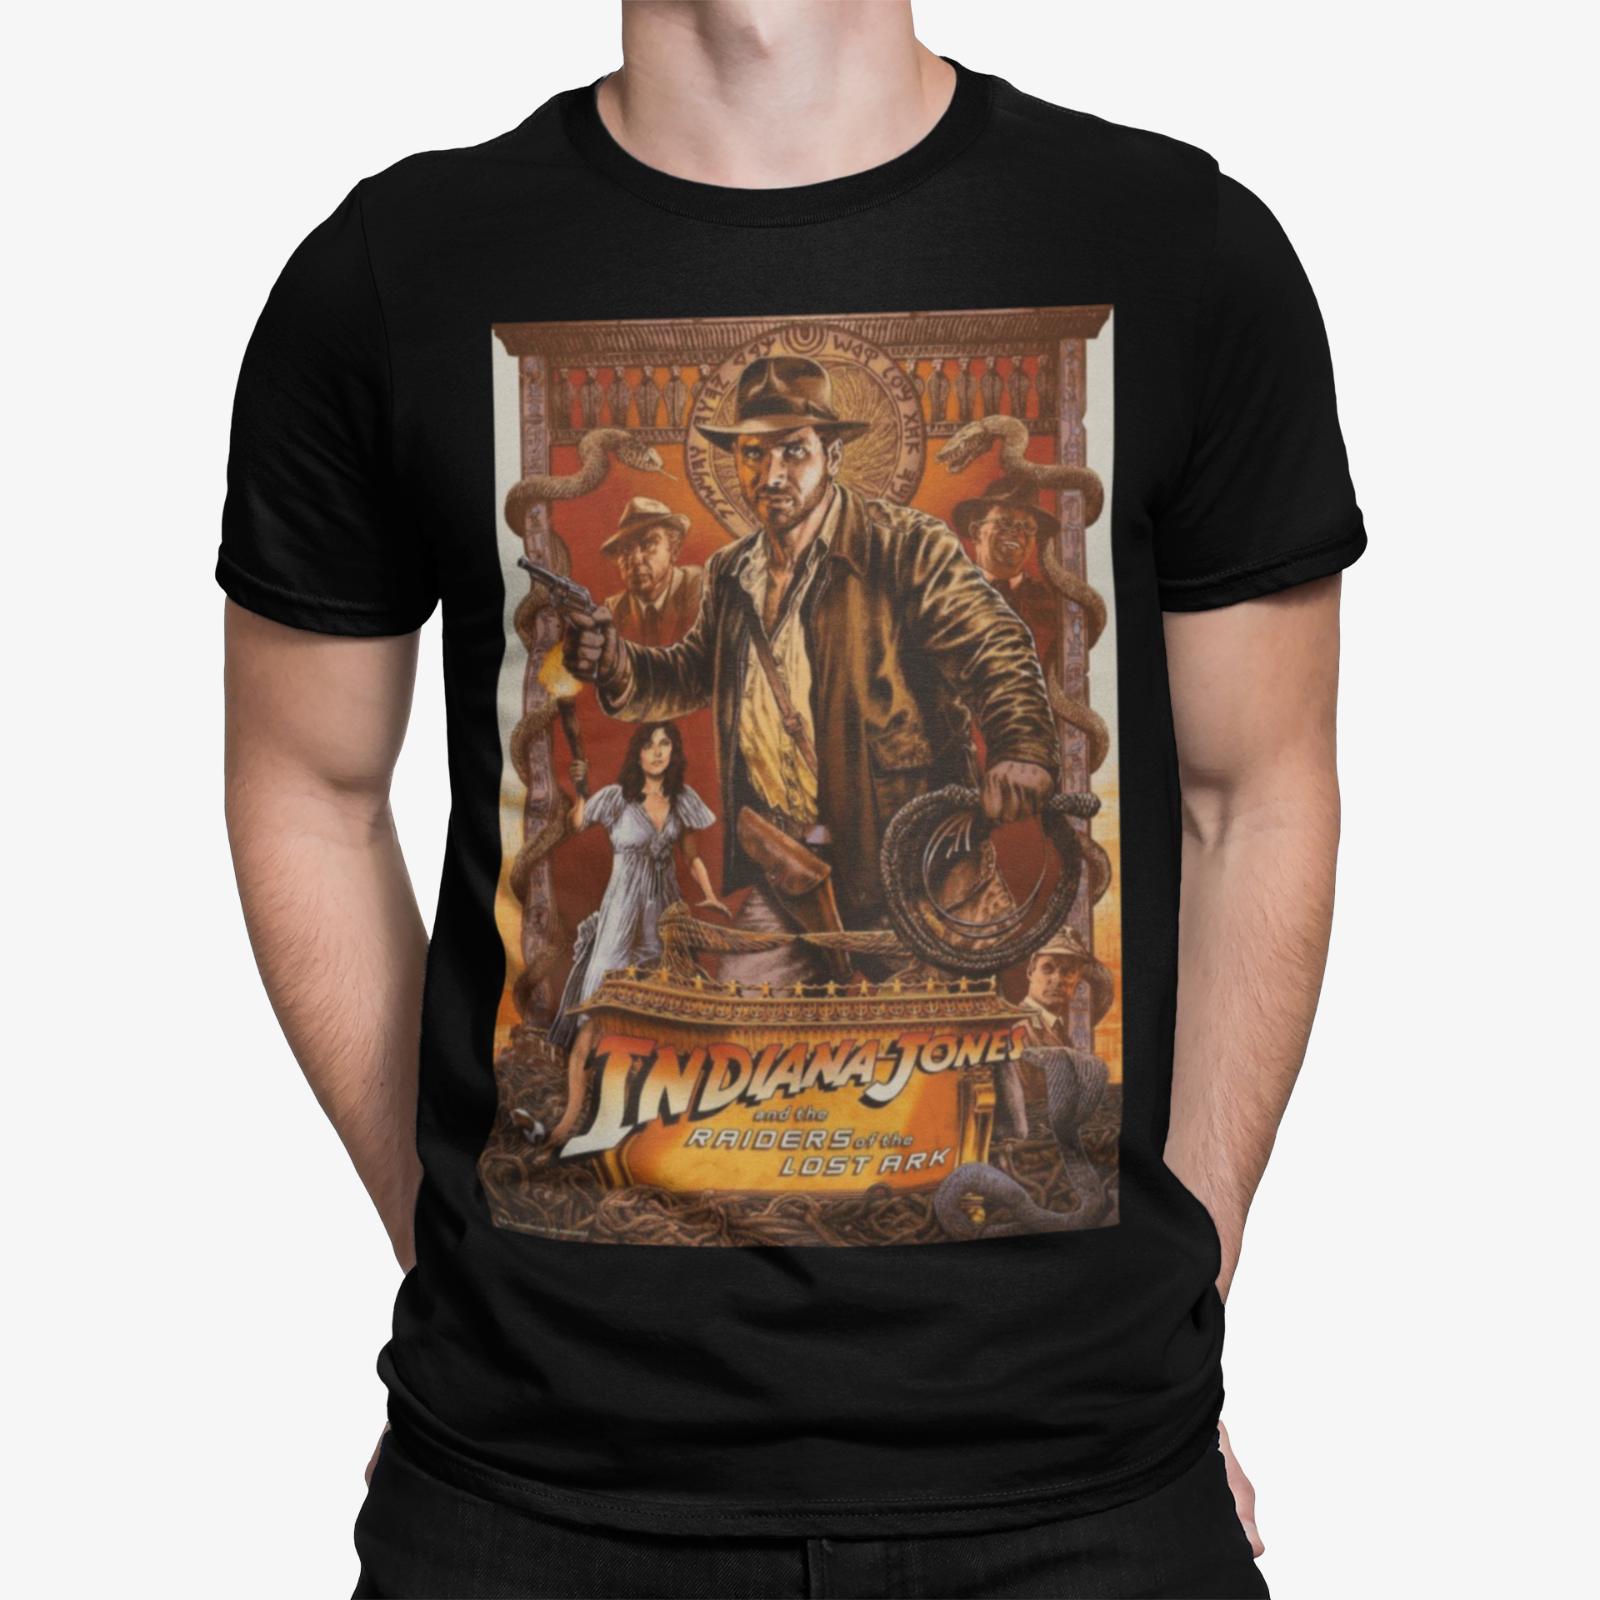 Camiseta de héroe de acción de los Raiders Of Lost Ark Indiana Jones cartel de película 80S 90S